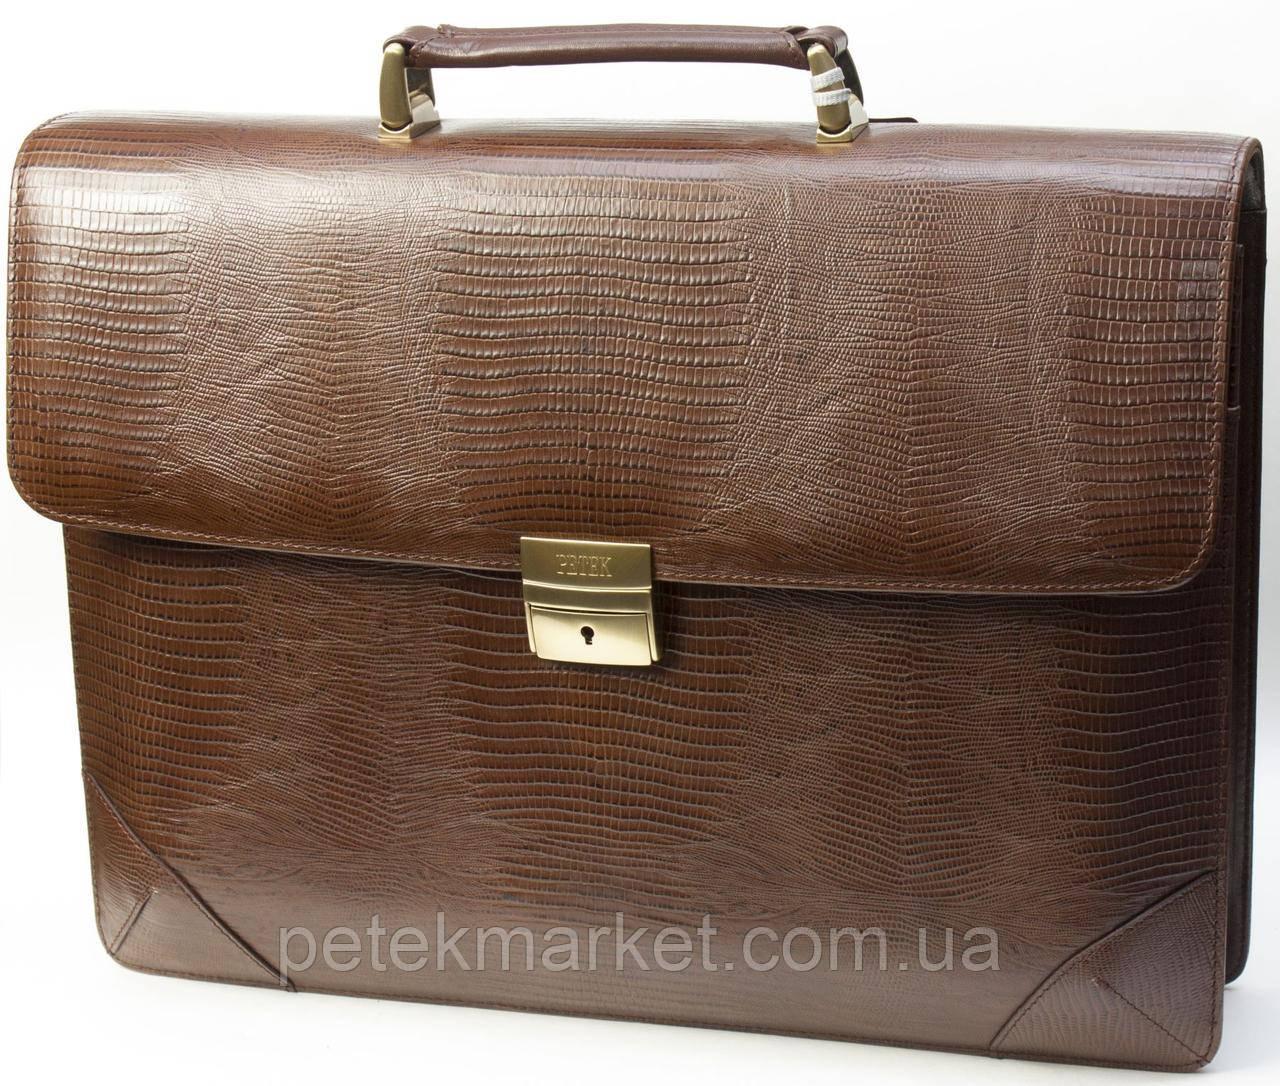 Кожаный портфель Petek 892/2